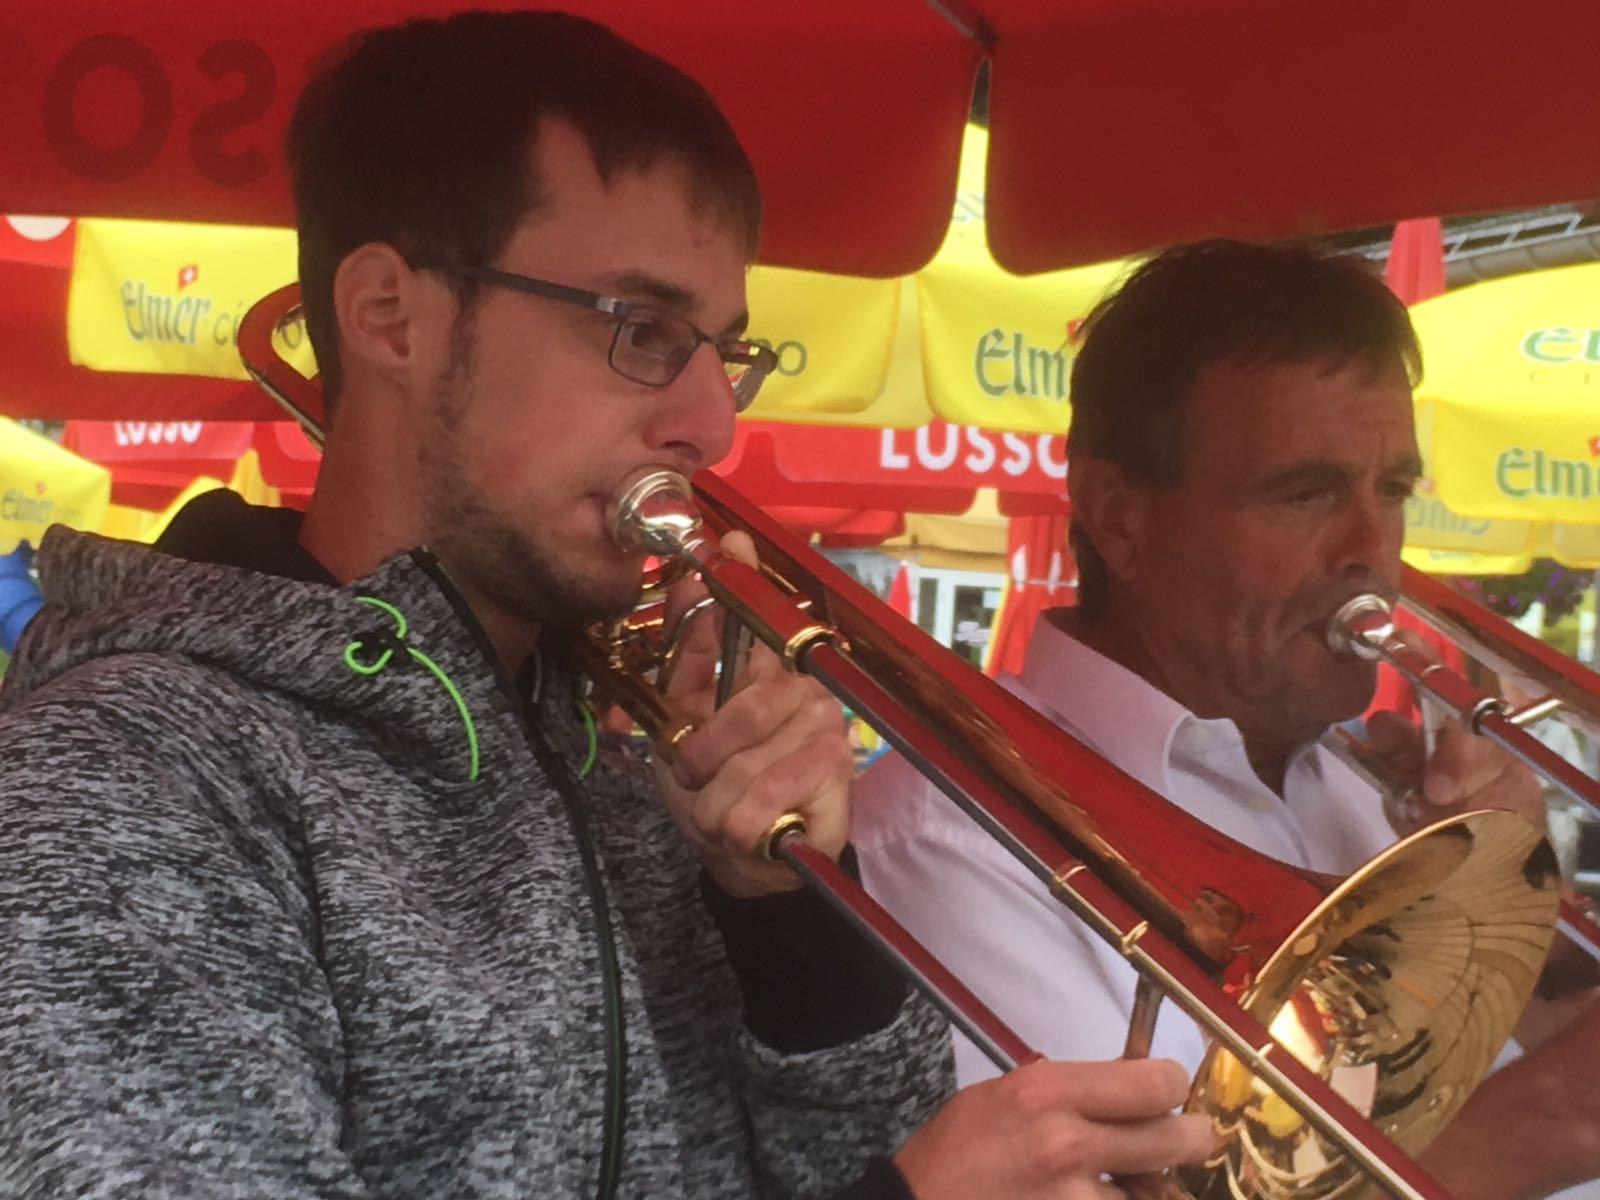 Der Posauner links hat sogar noch die Jugendmusik vertreten